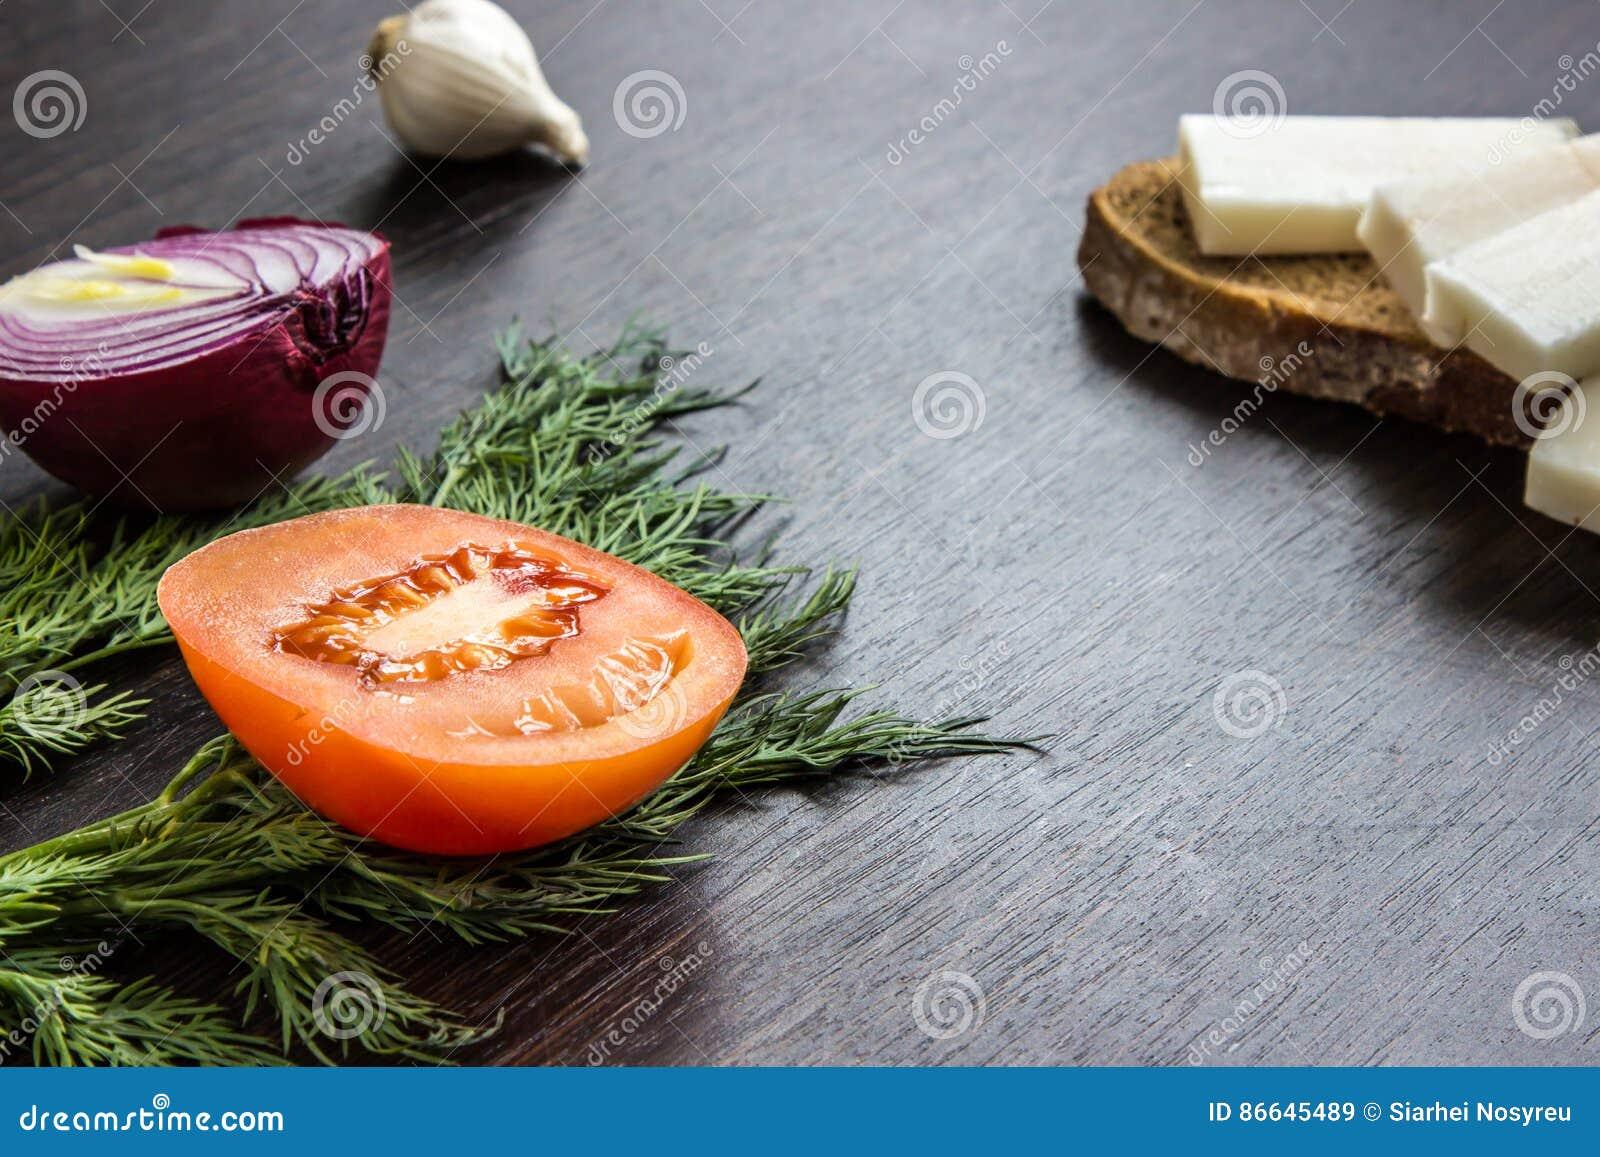 切红洋葱、蕃茄、莳萝、猪油salo和大蒜在木桌上